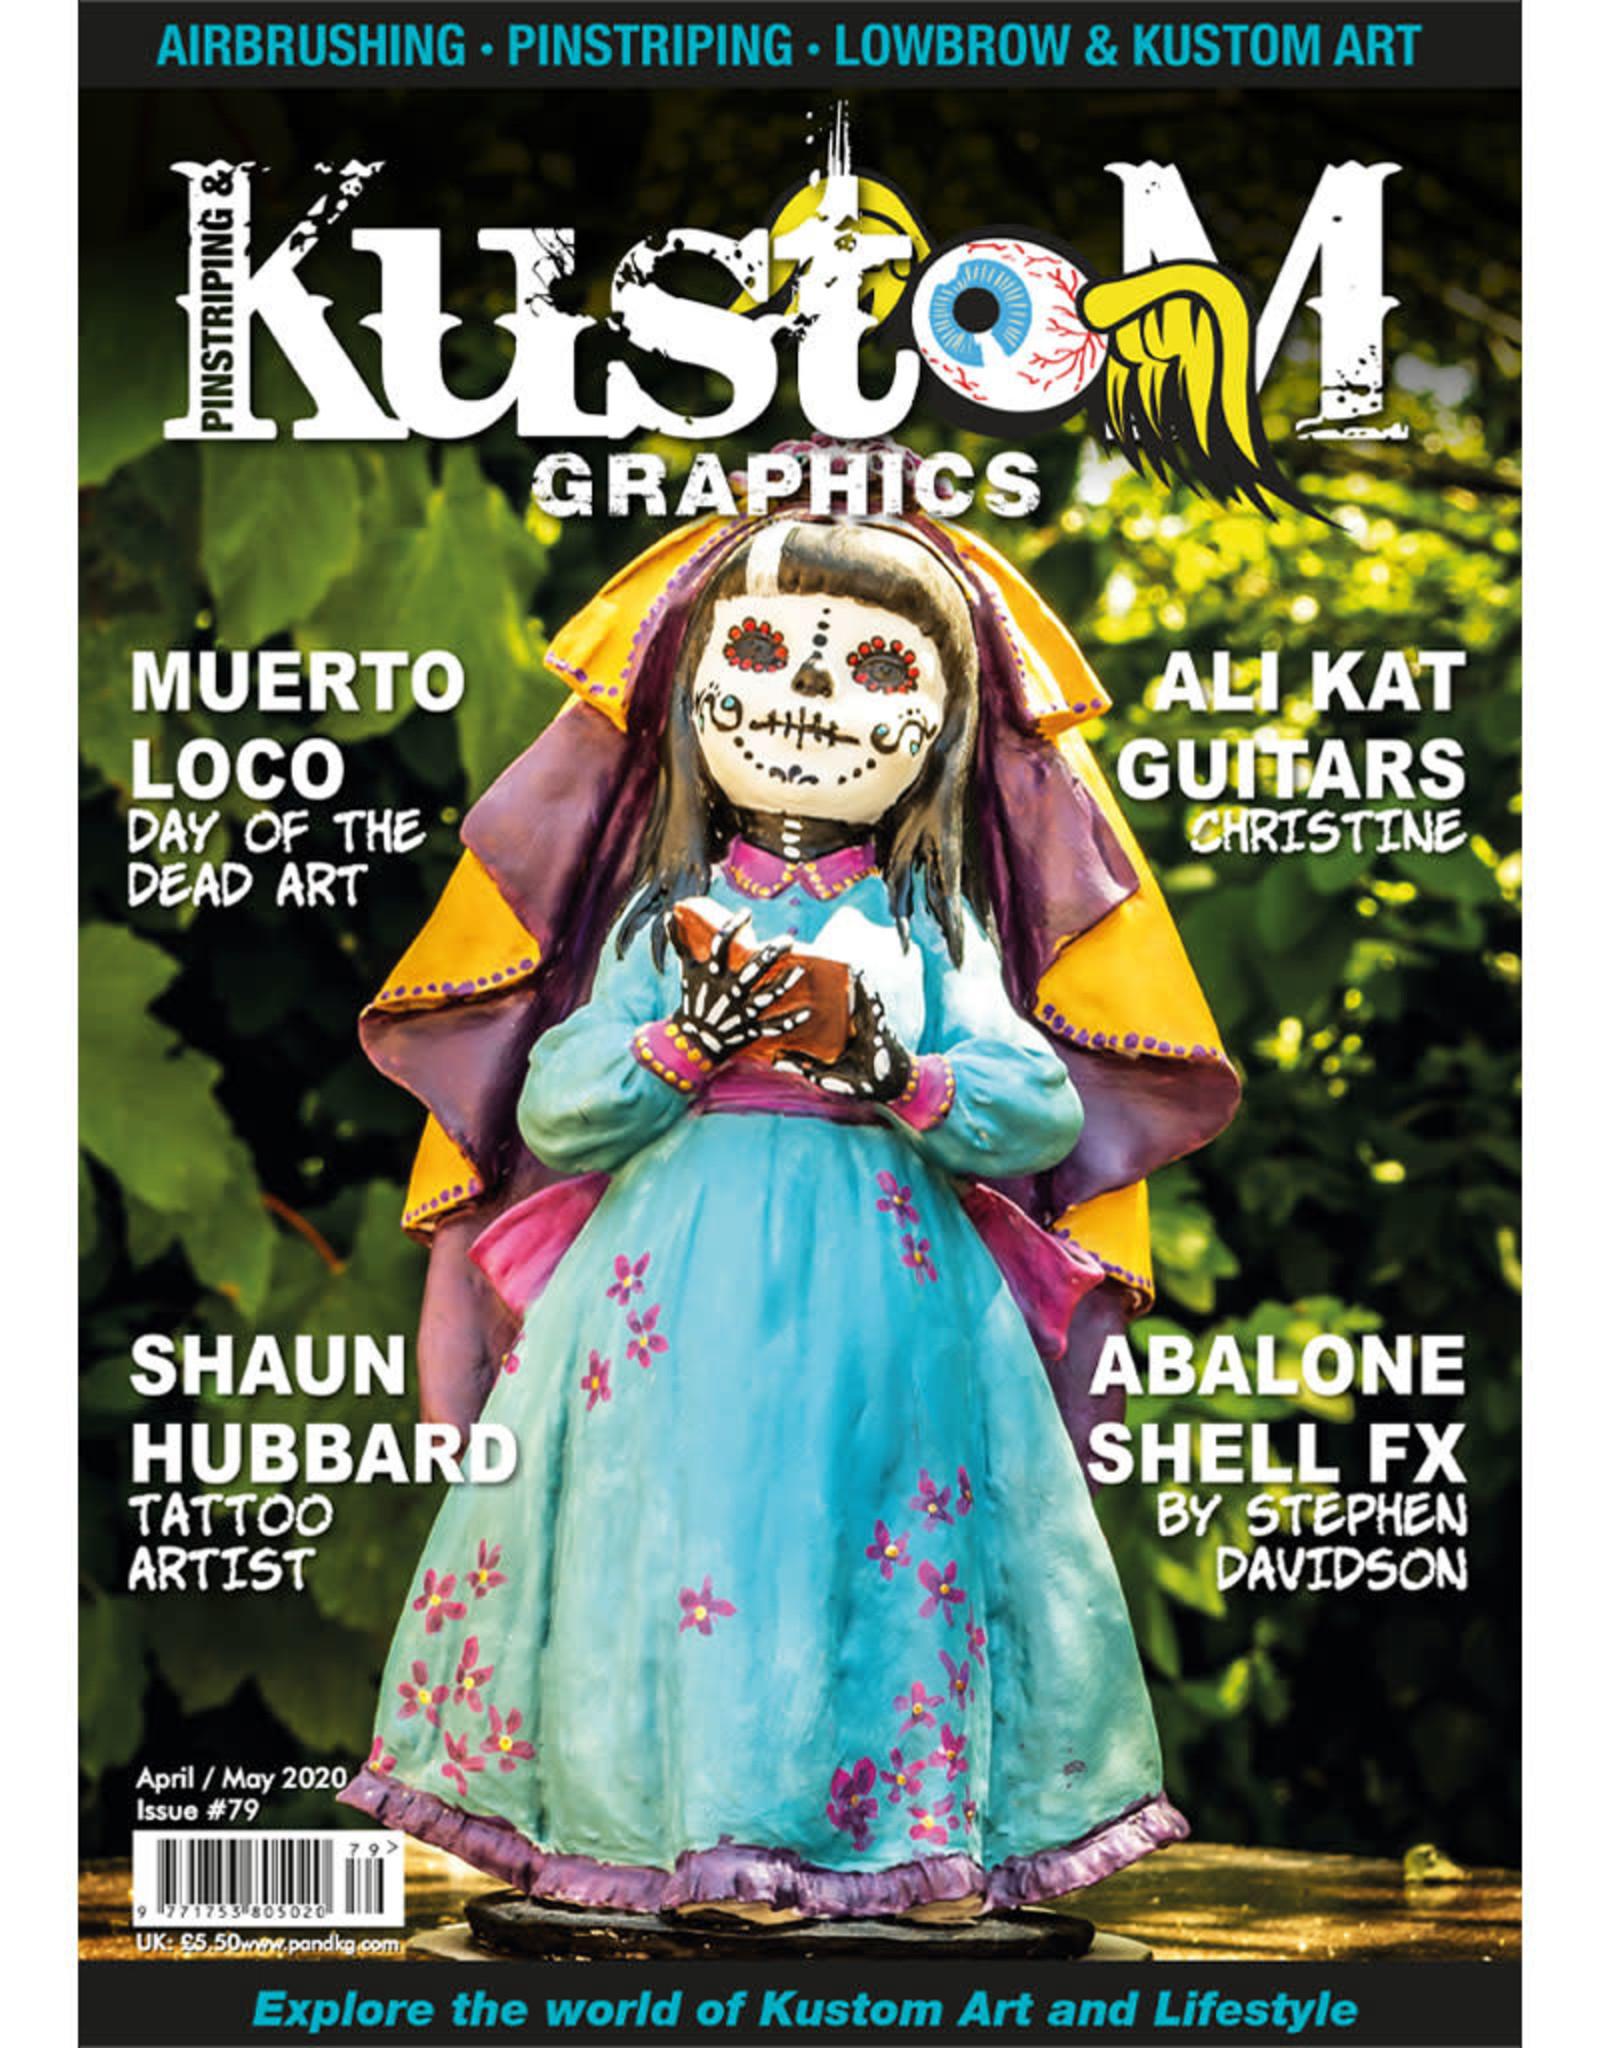 Pinstriping & Kustom graphics magazine Pinstriping & Kustom Graphics magazine #79